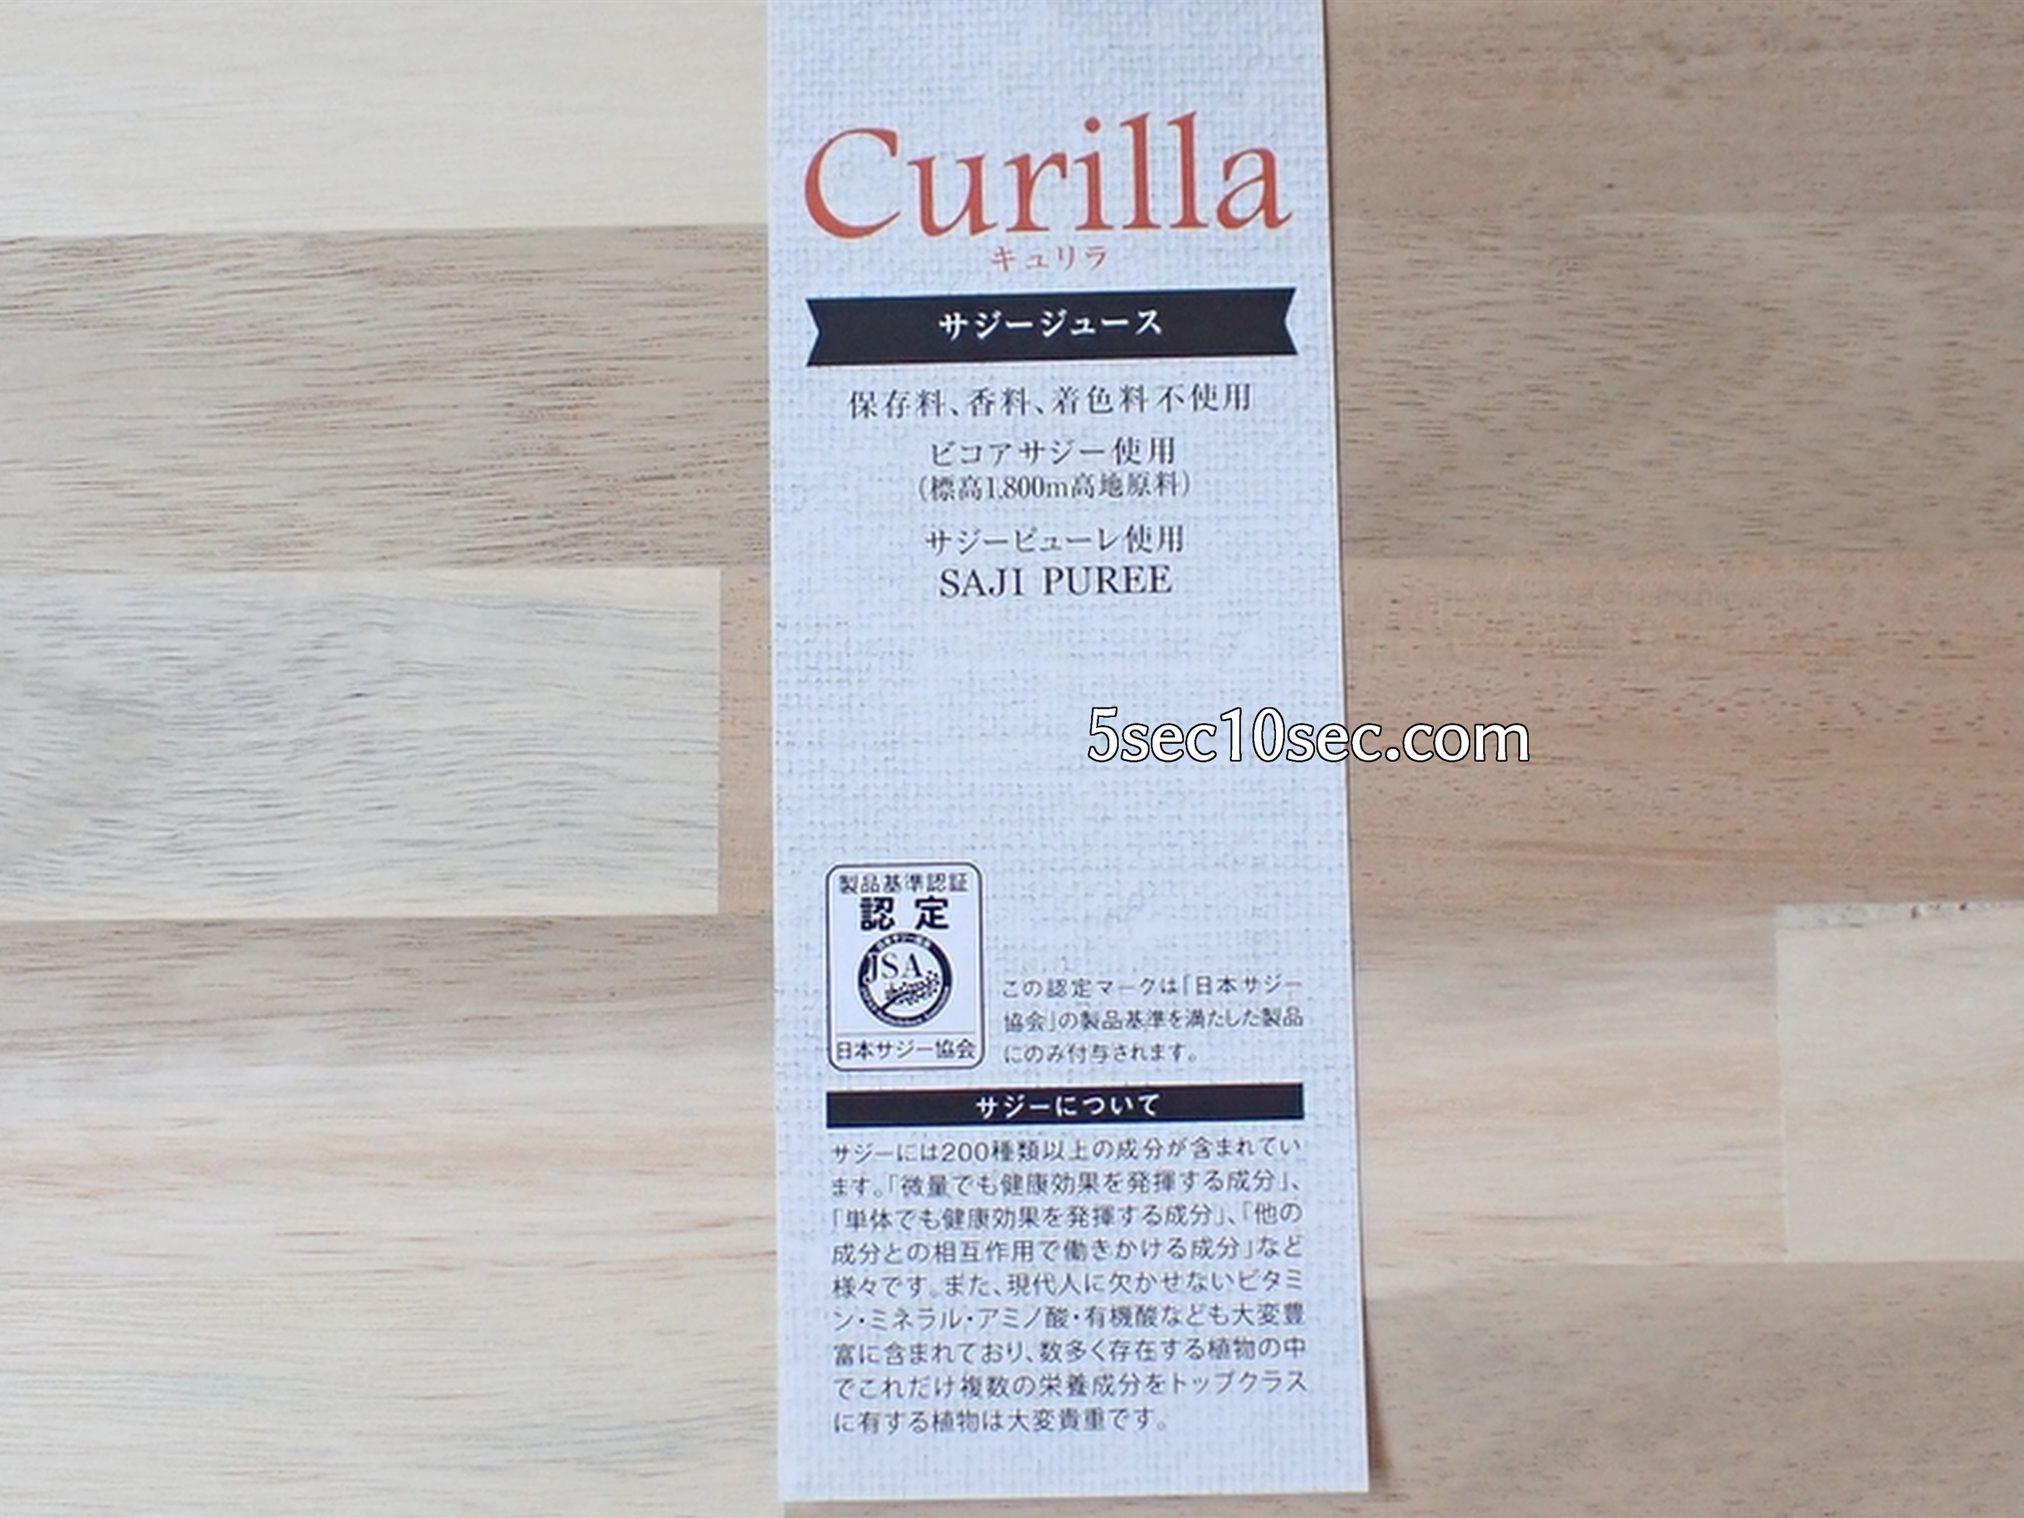 Curilla キュリラ 有機JAS認定 オーガニックサジージュース 100%ビコアサジーを使用したピューレです